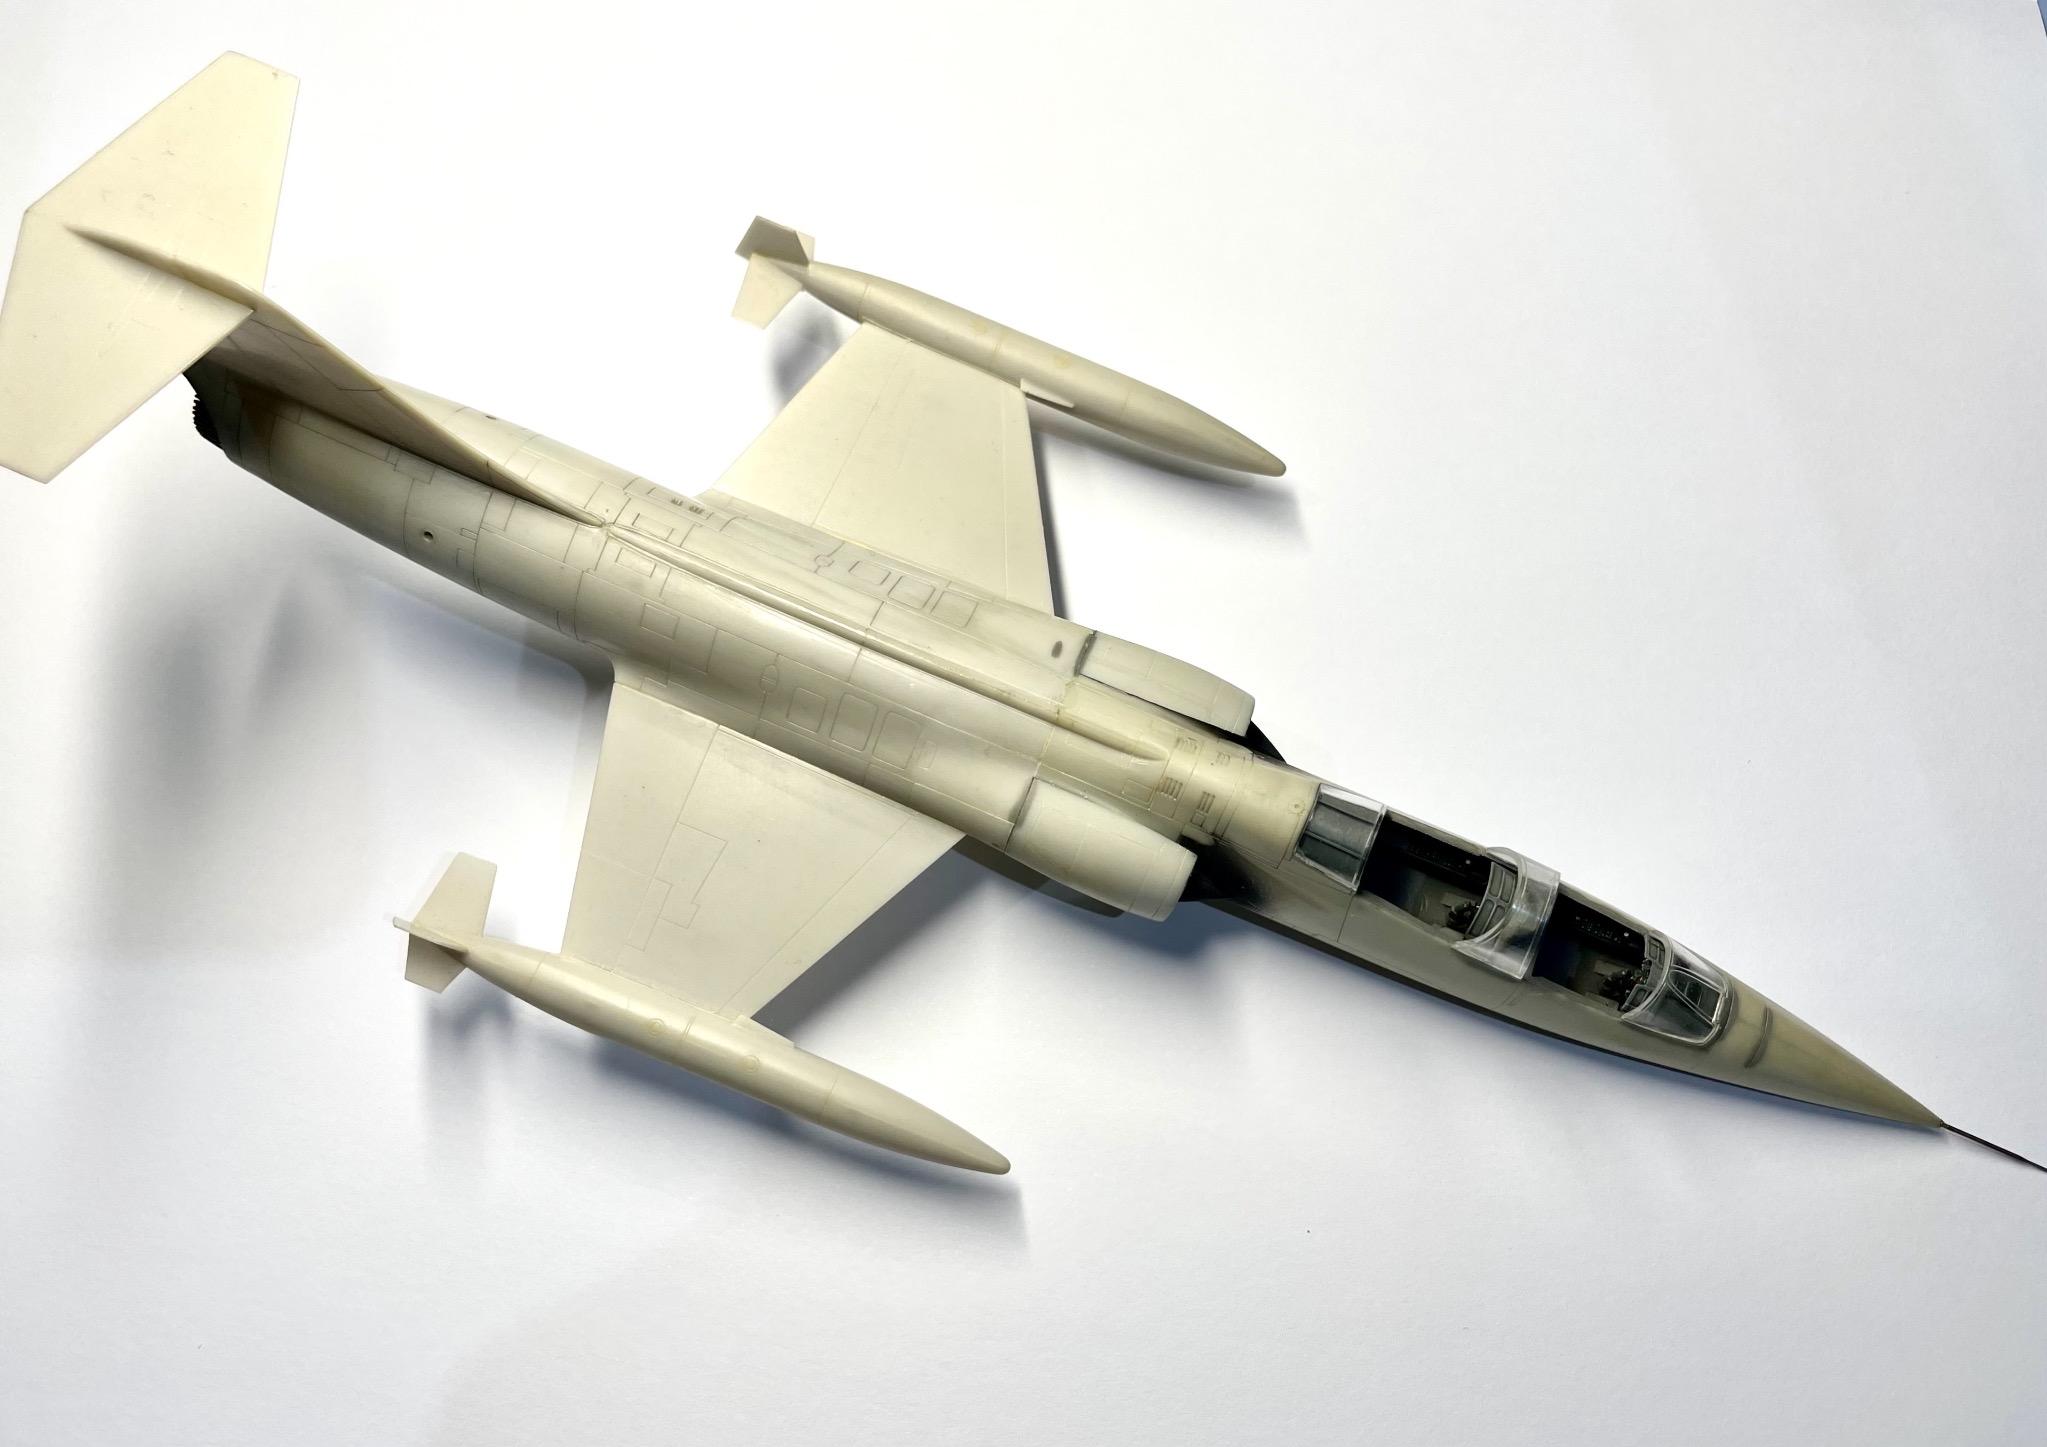 2FAFC3EC-9BDF-444C-B590-9FEE8CE46A9A.jpeg